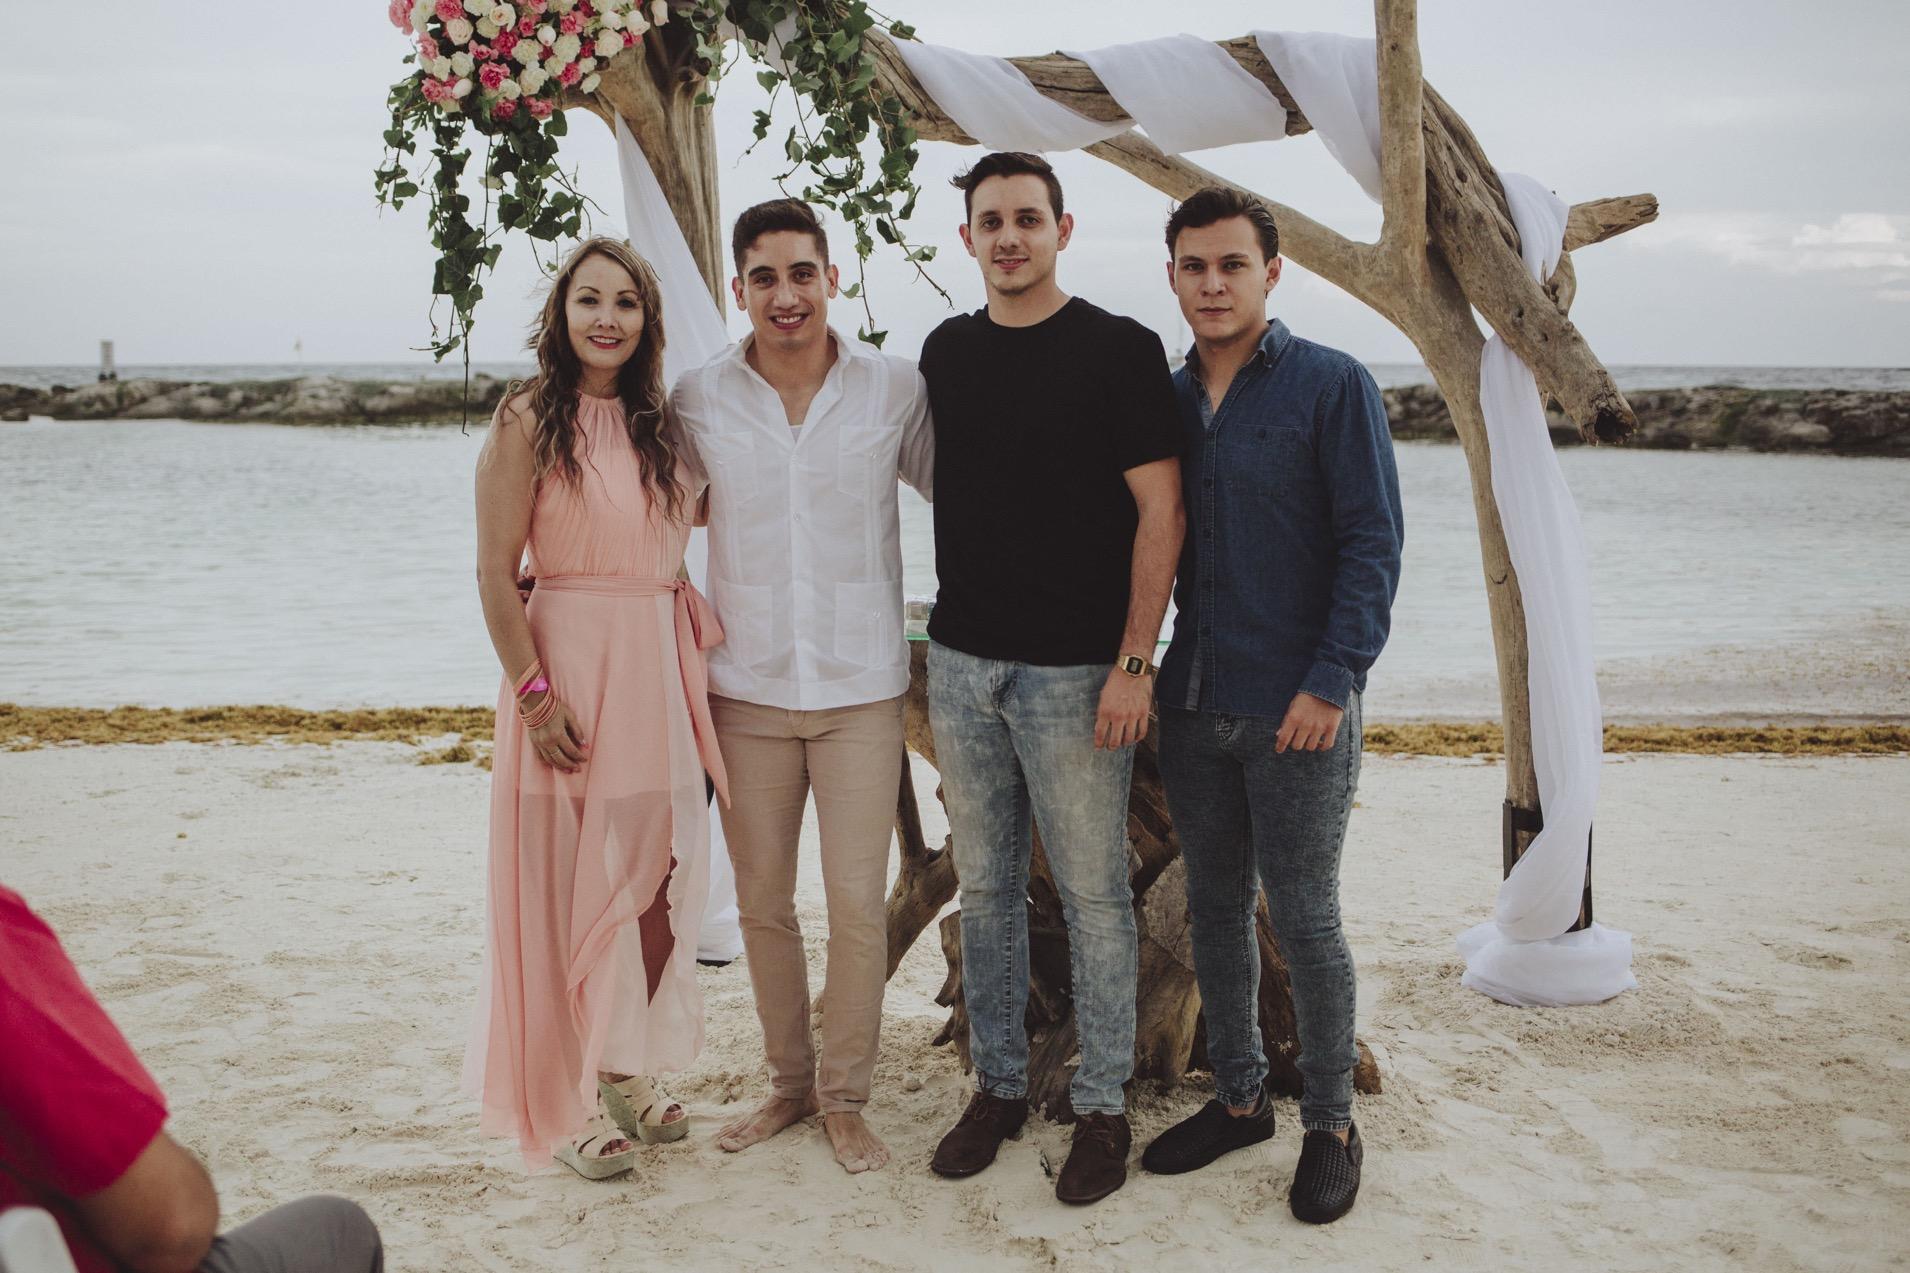 fotografo_bodas_profesional_zacatecas_riviera_maya_cancun-34